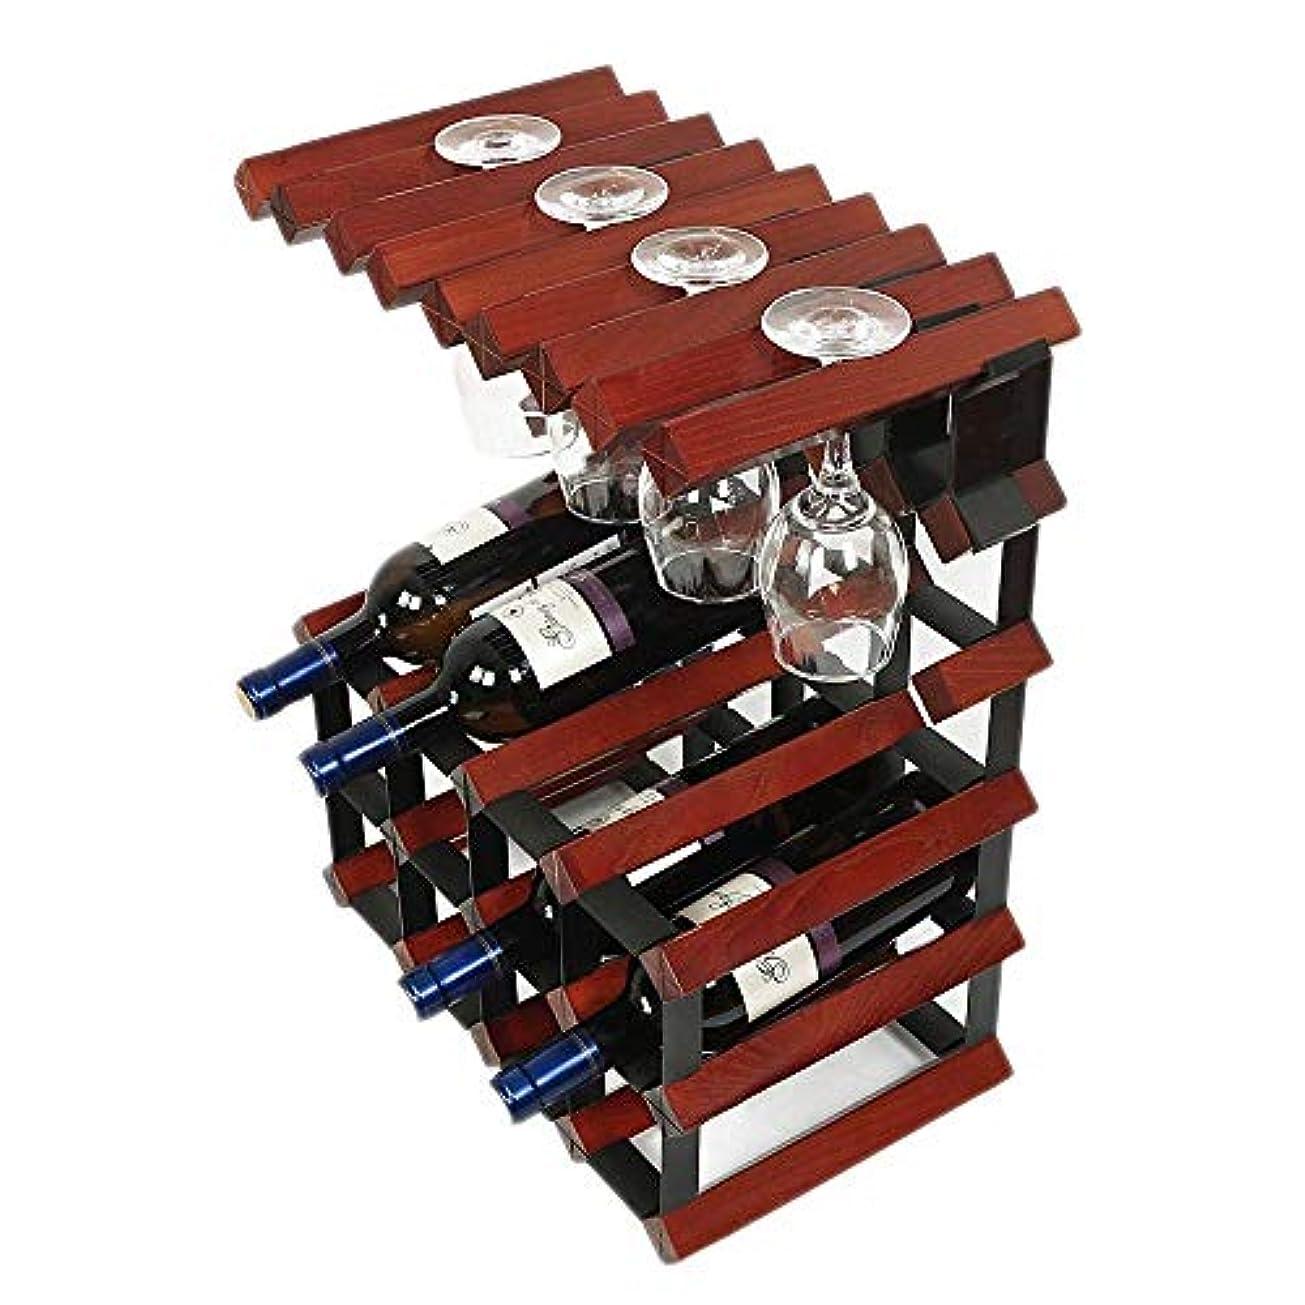 ペッカディロリーチ幸運WZB家庭用木製ワインラック ゴブレットラック ワインカップホルダー12本ボトルホルダー41.7×23.5×51.2cm A +(カラー:C)